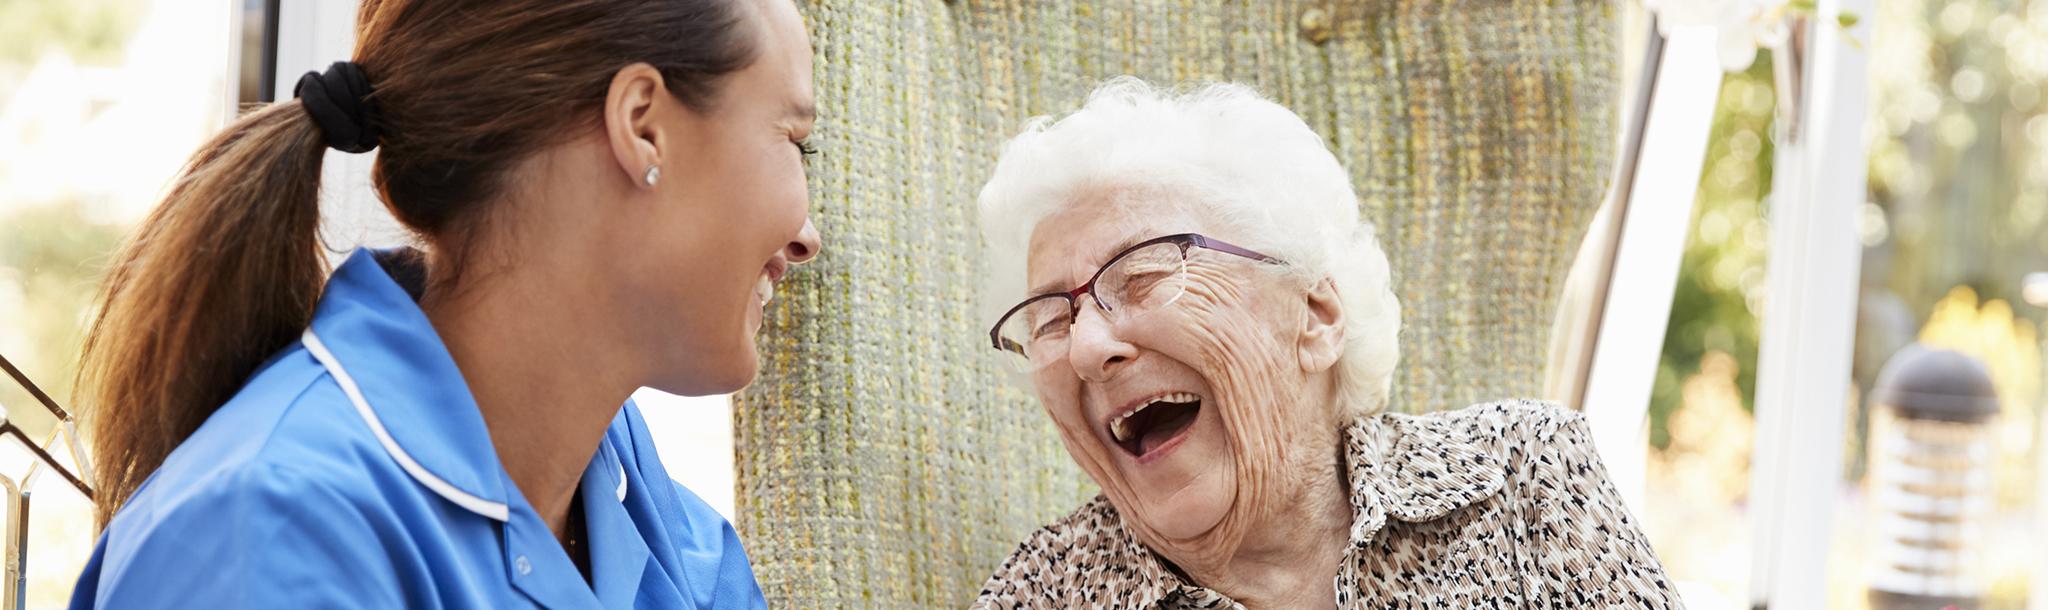 Betreutes Wohnen Ambulanter Pflegedienst Tittling - Ihr ambulanter Pflegedienst für Tittling und Umgebung